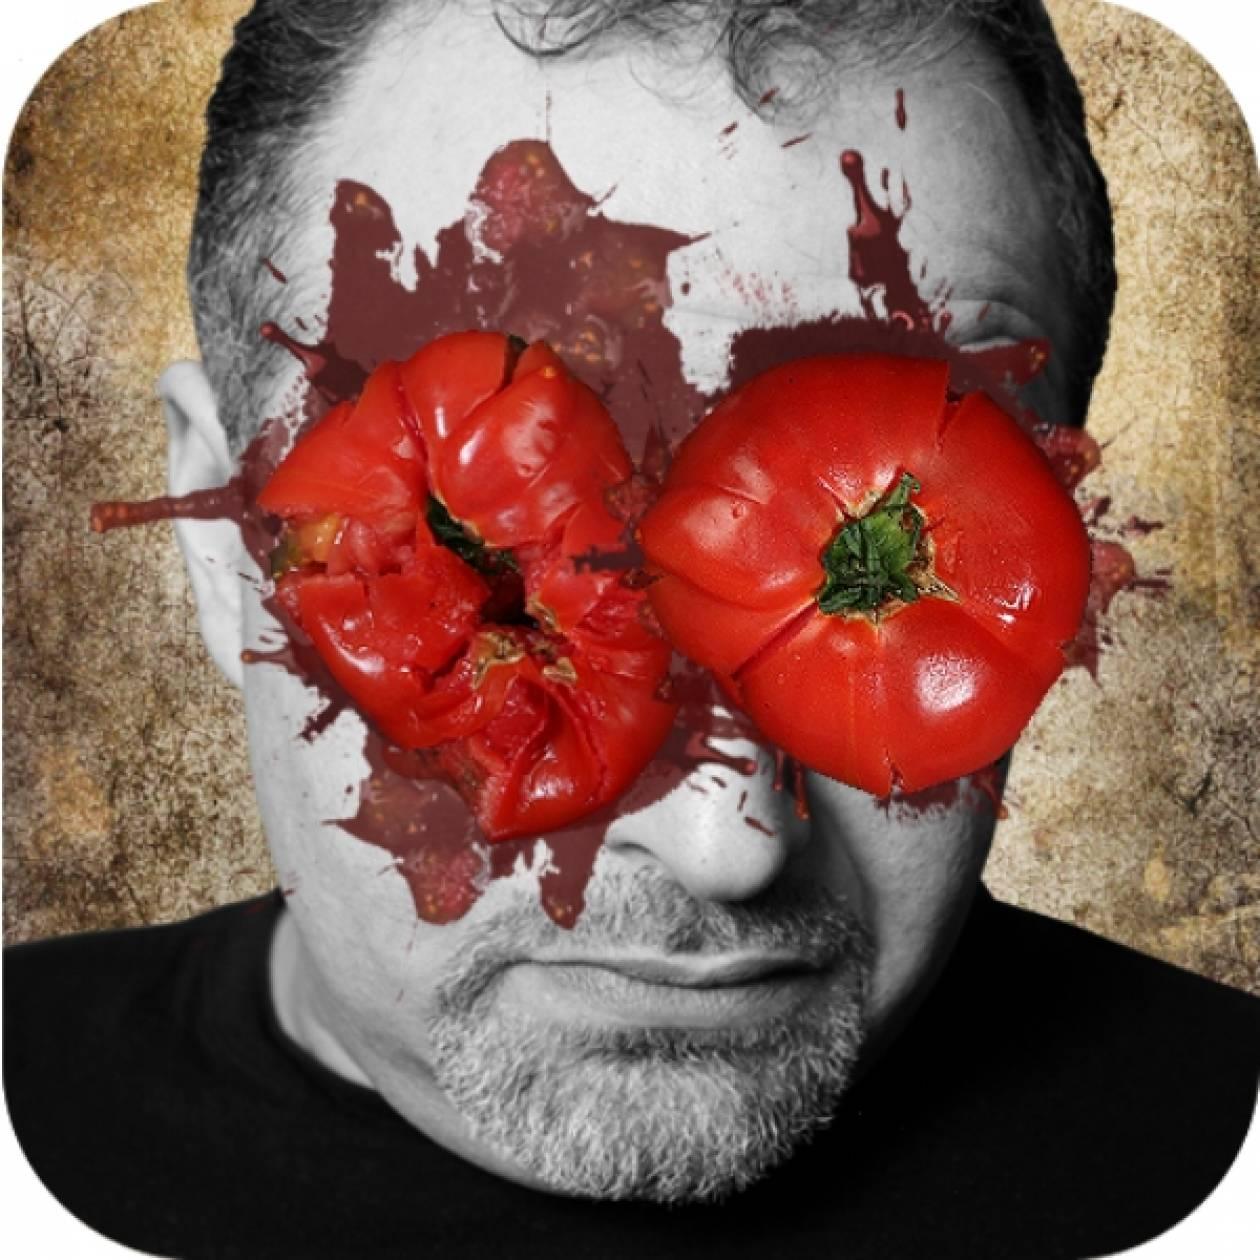 Εκδίκηση μέσω iPhone με... ντομάτες και σφαλιάρες